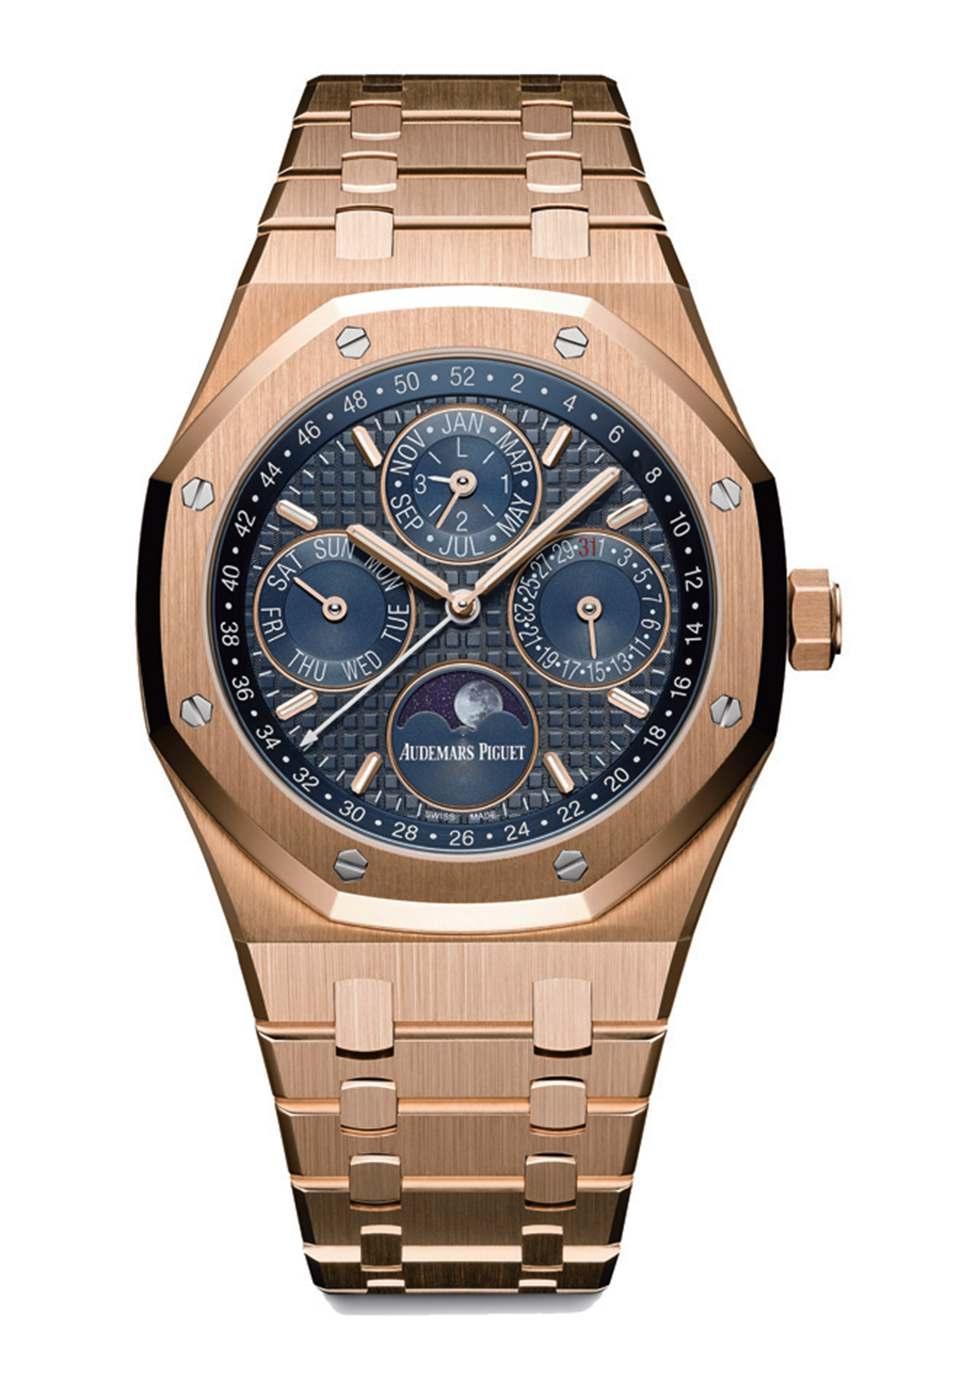 尚层装饰别墅生活爱彼皇家橡树系列万年历腕表